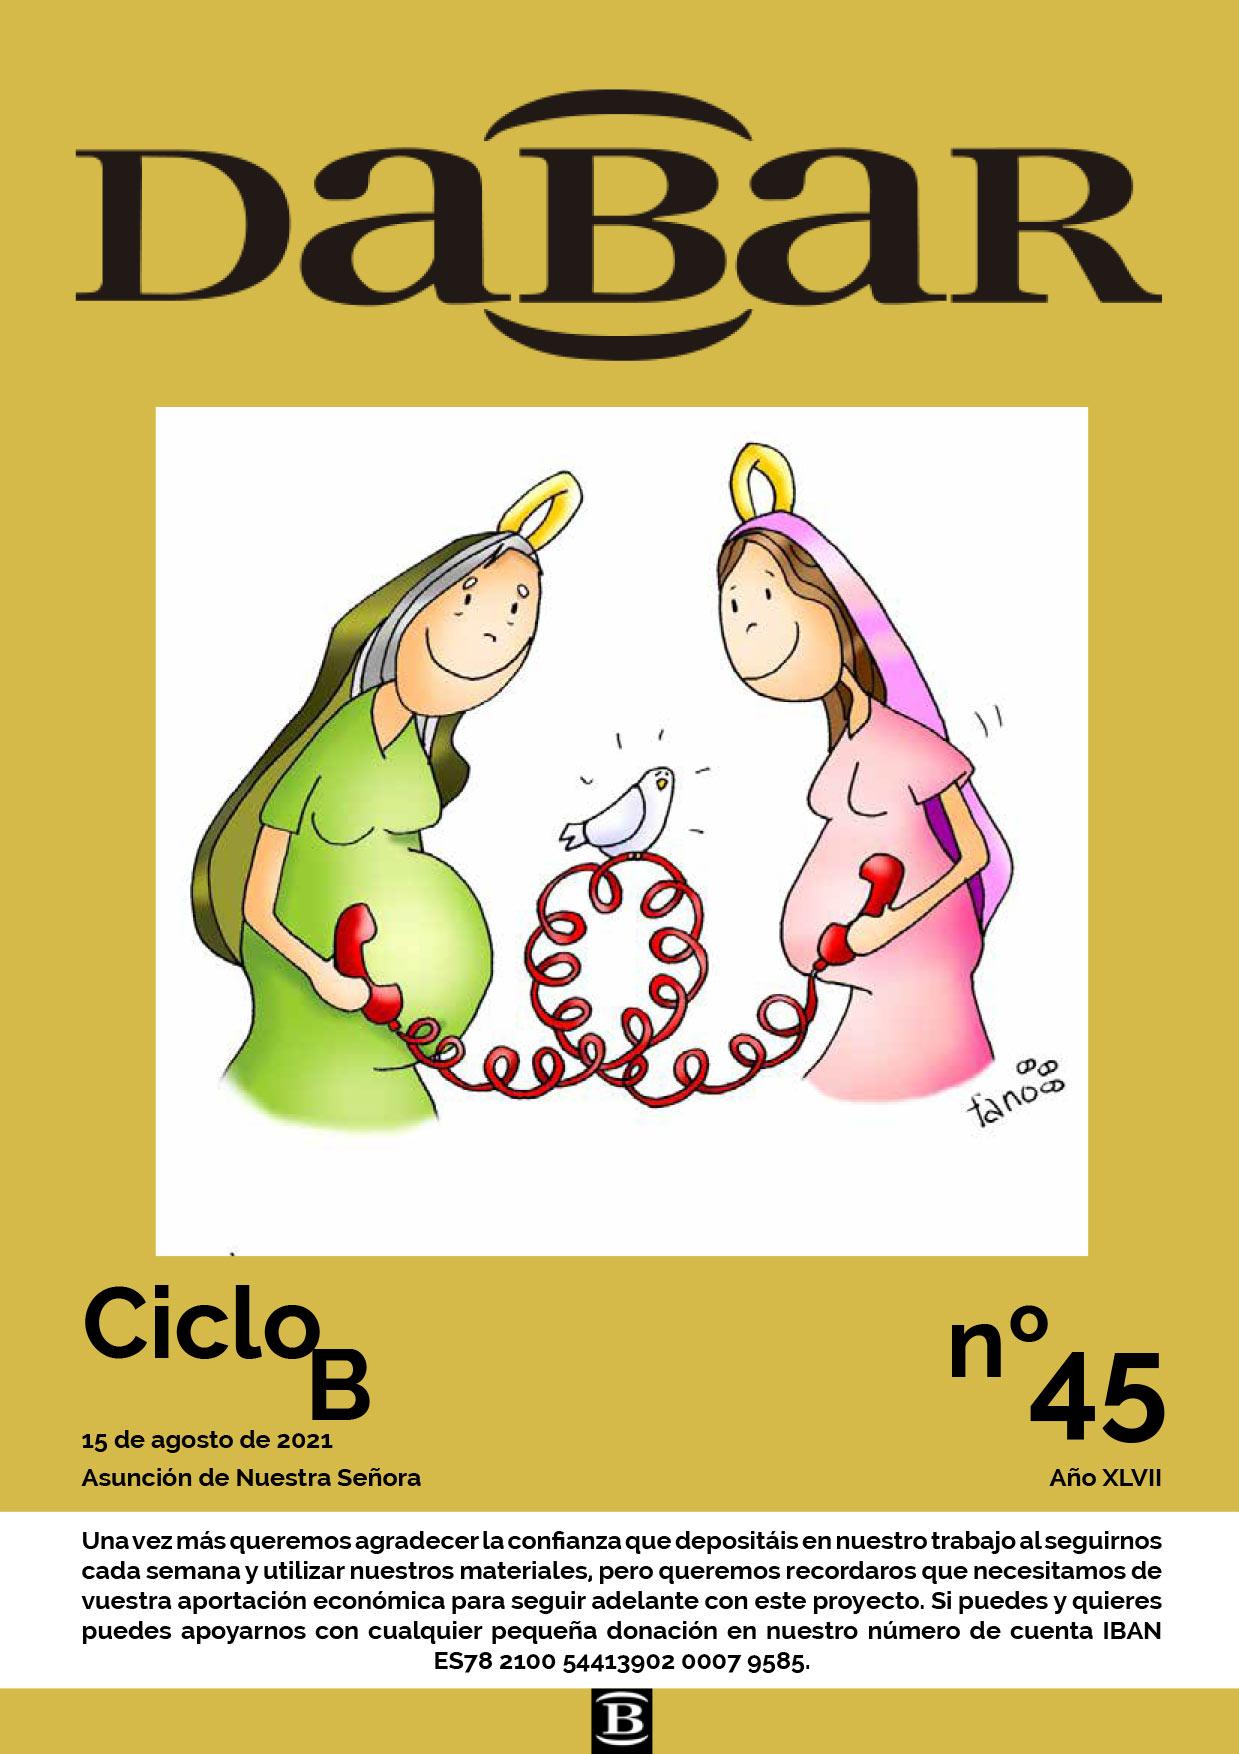 Dabar Revista numero 45 ciclo B